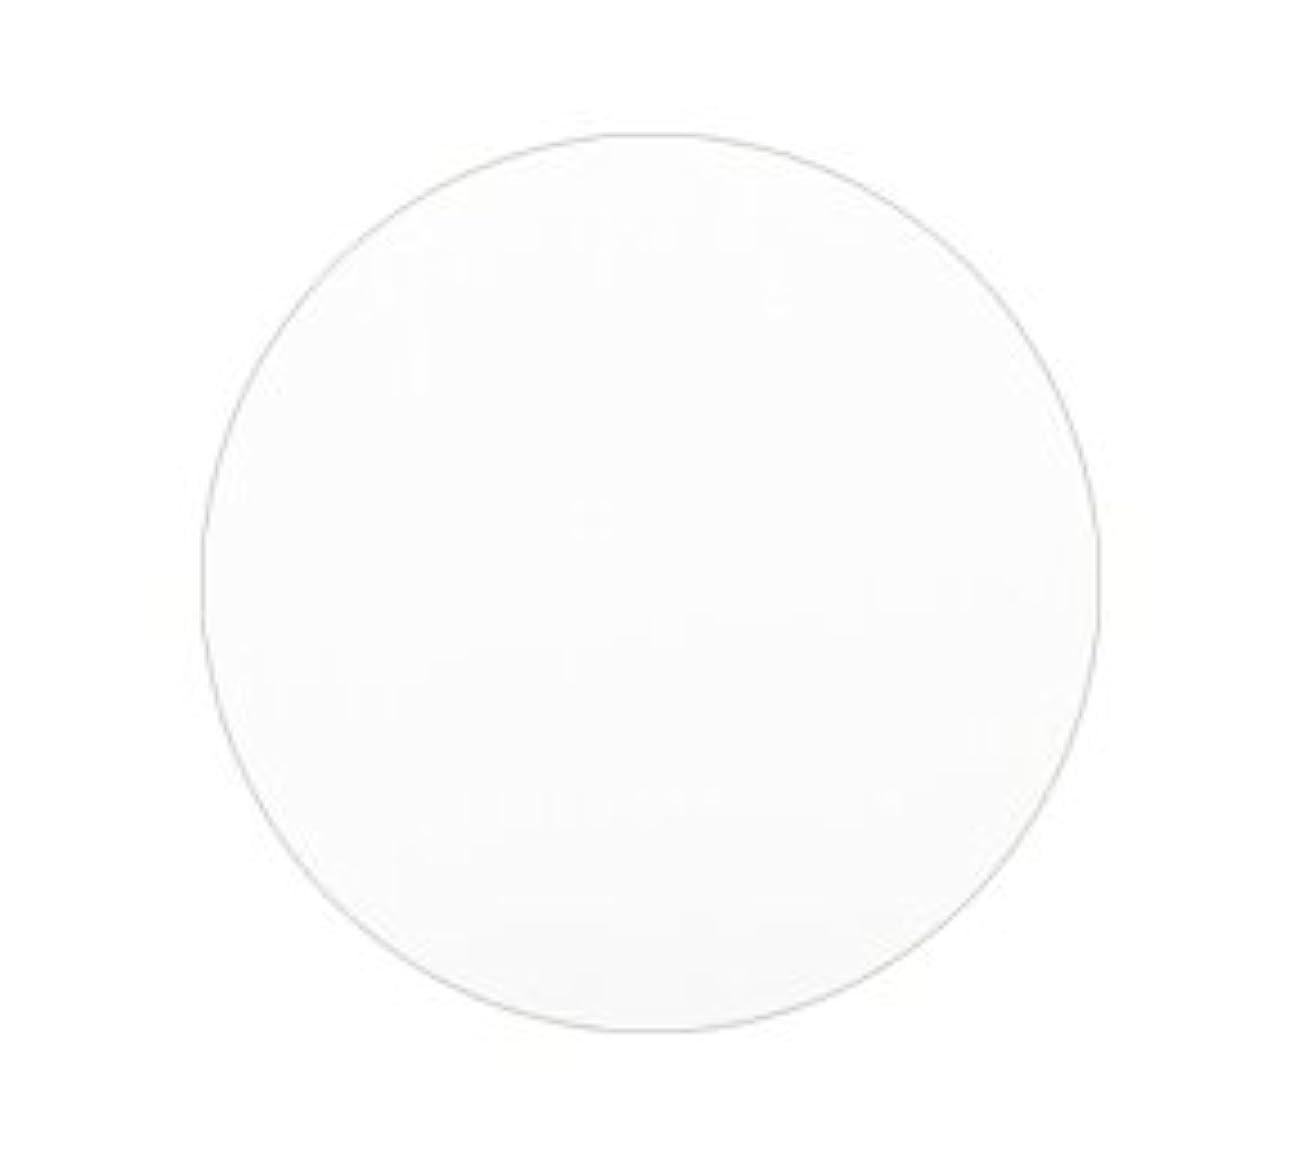 雄弁家急流ニュージーランドCHRISTRIO ジェラッカー 7.4ml 275 ソフトホワイト